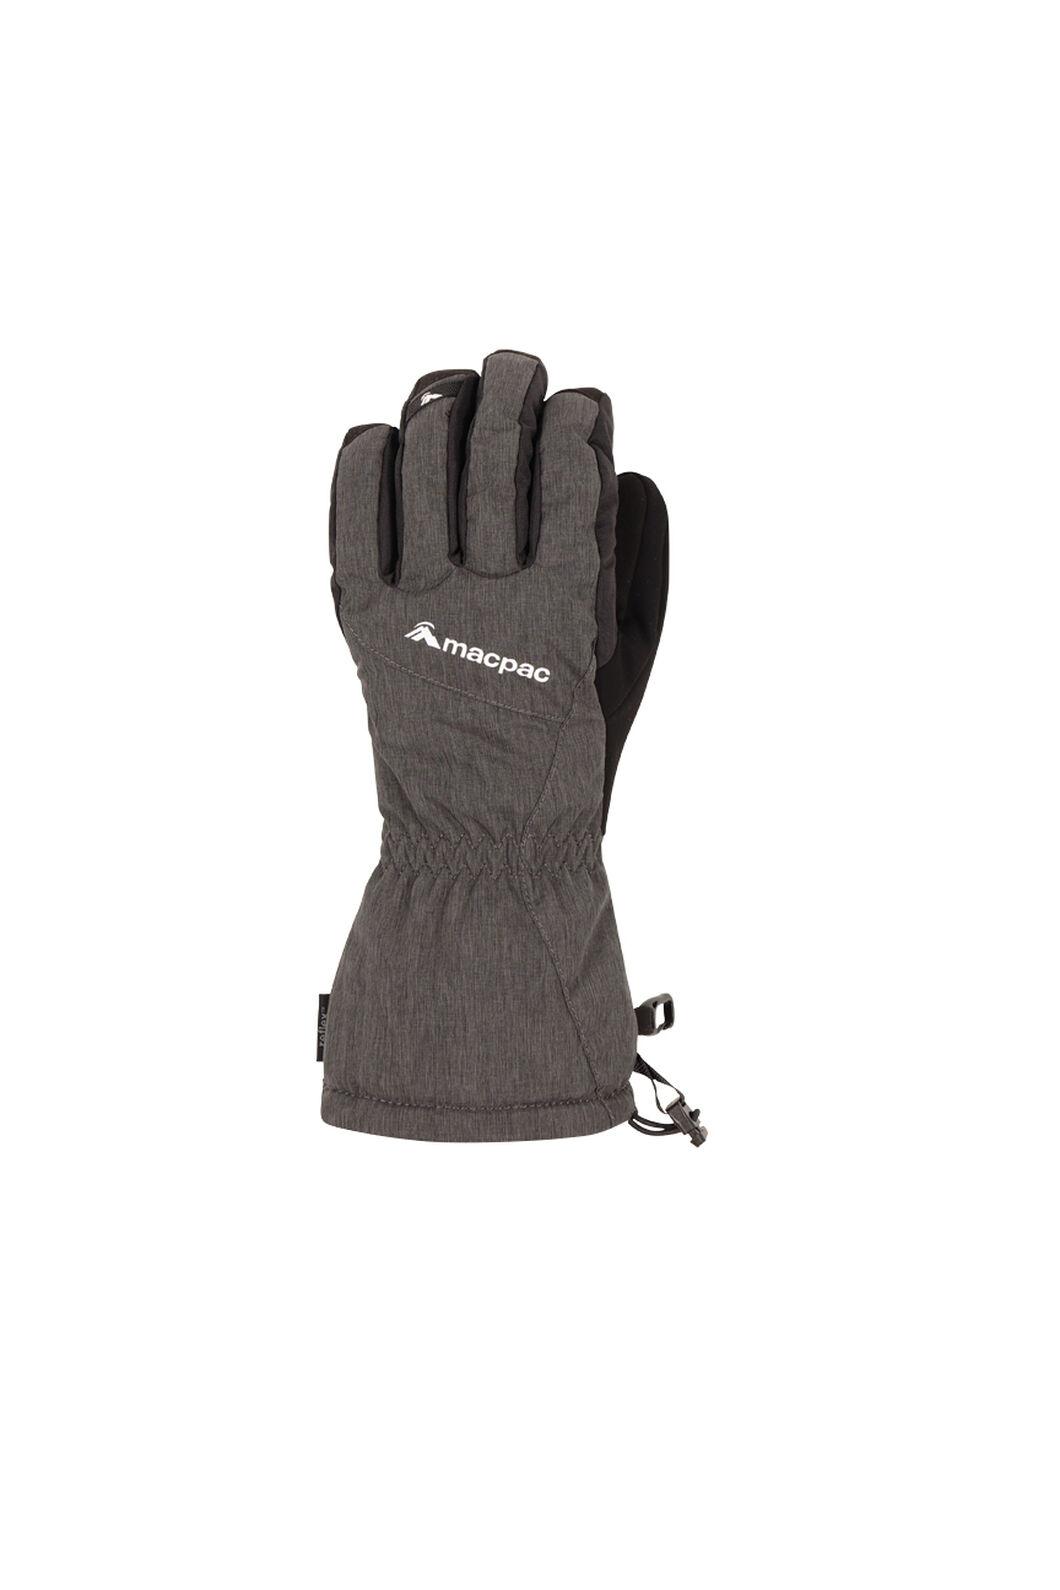 Macpac Carve Ski Gloves, Black, hi-res